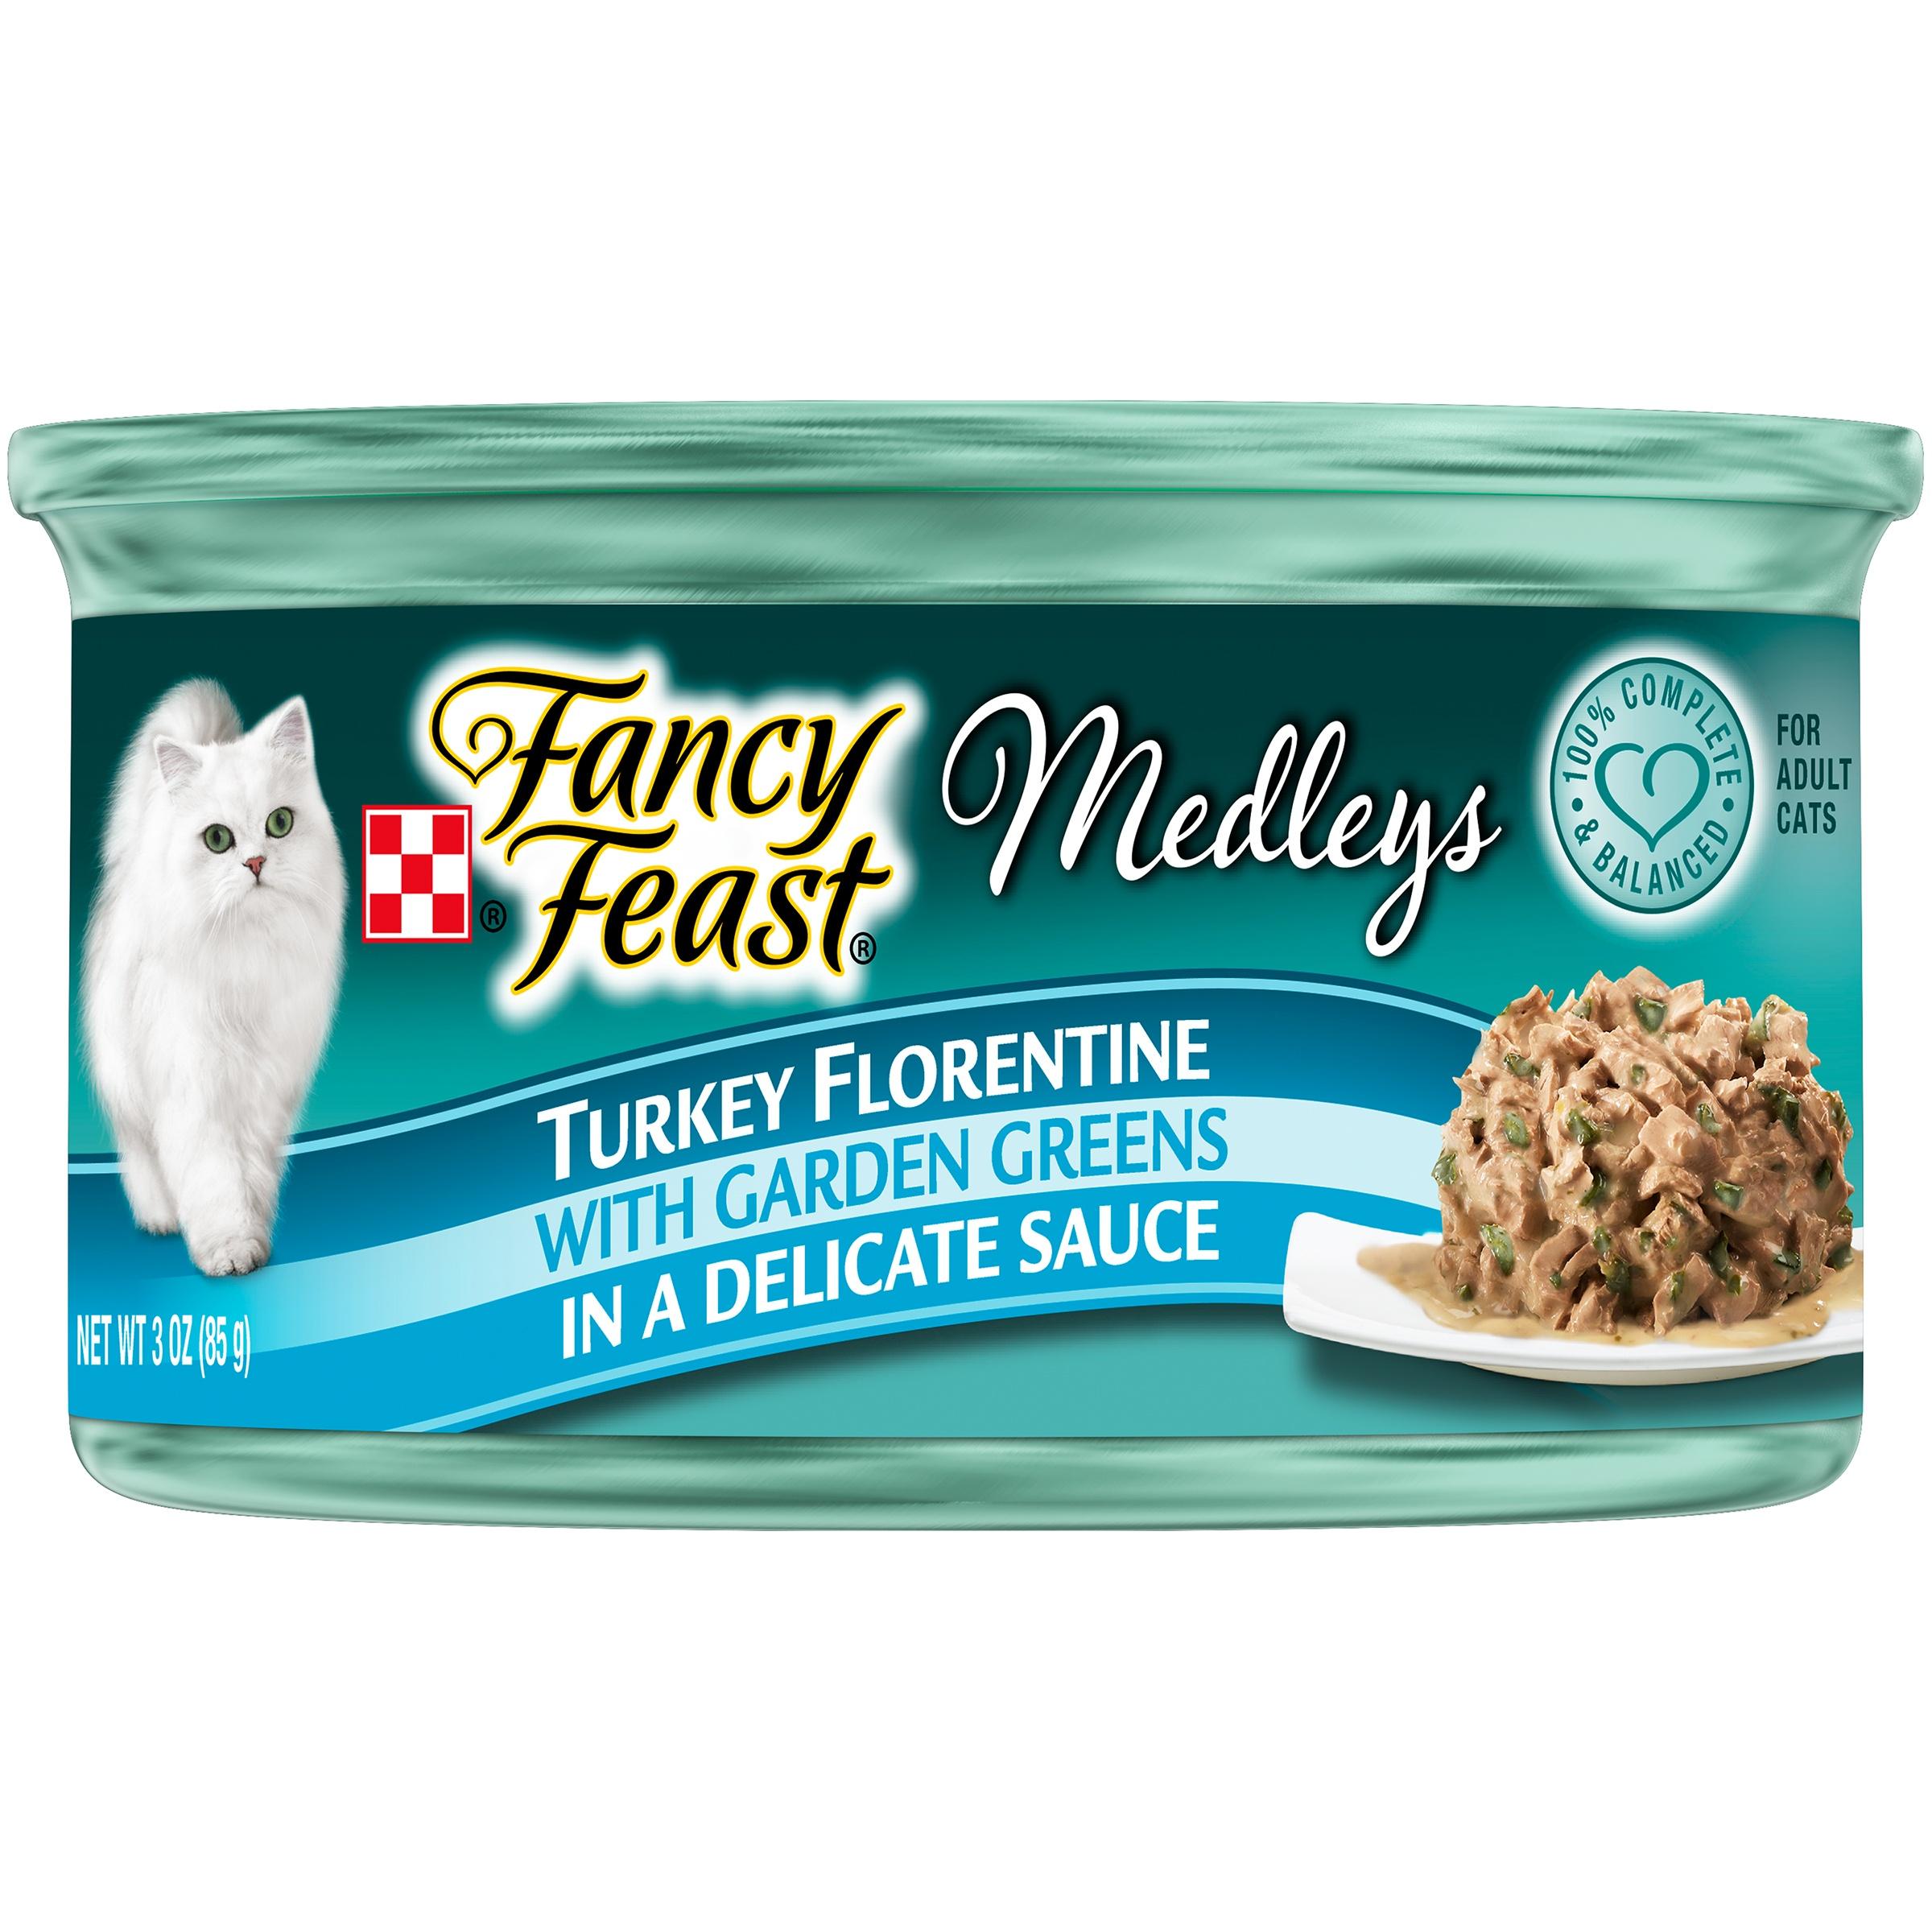 Purina Fancy Feast Medleys Turkey Florentine Cat Food 3 oz. Can